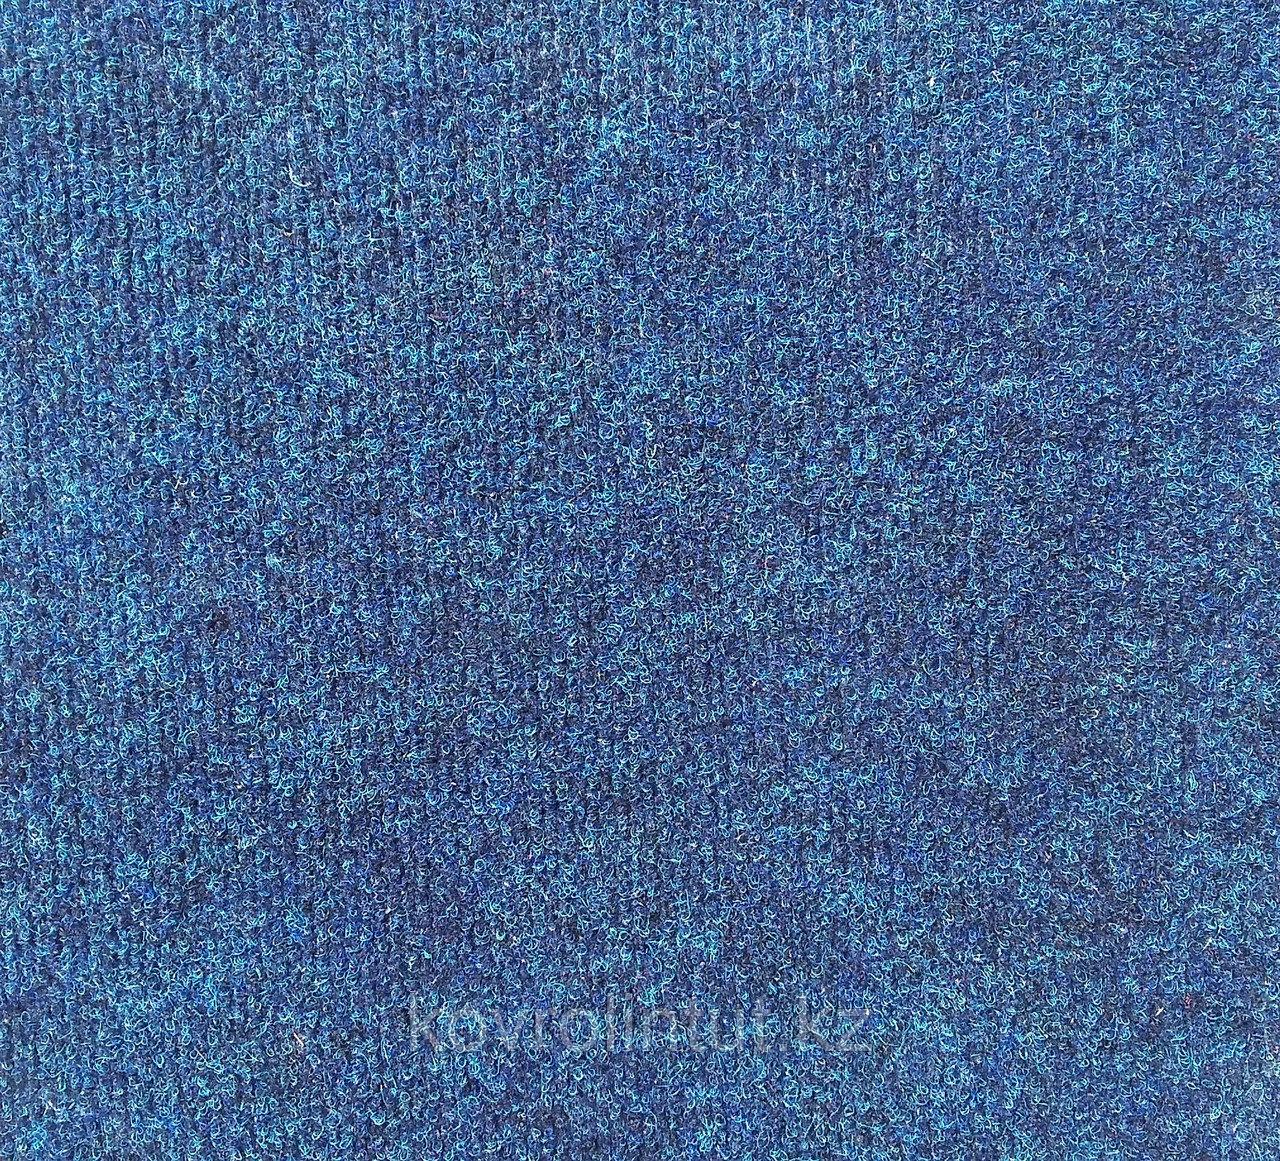 Ковролин (ковролан) Detroit 5507 Синий  4 м опт/розн.